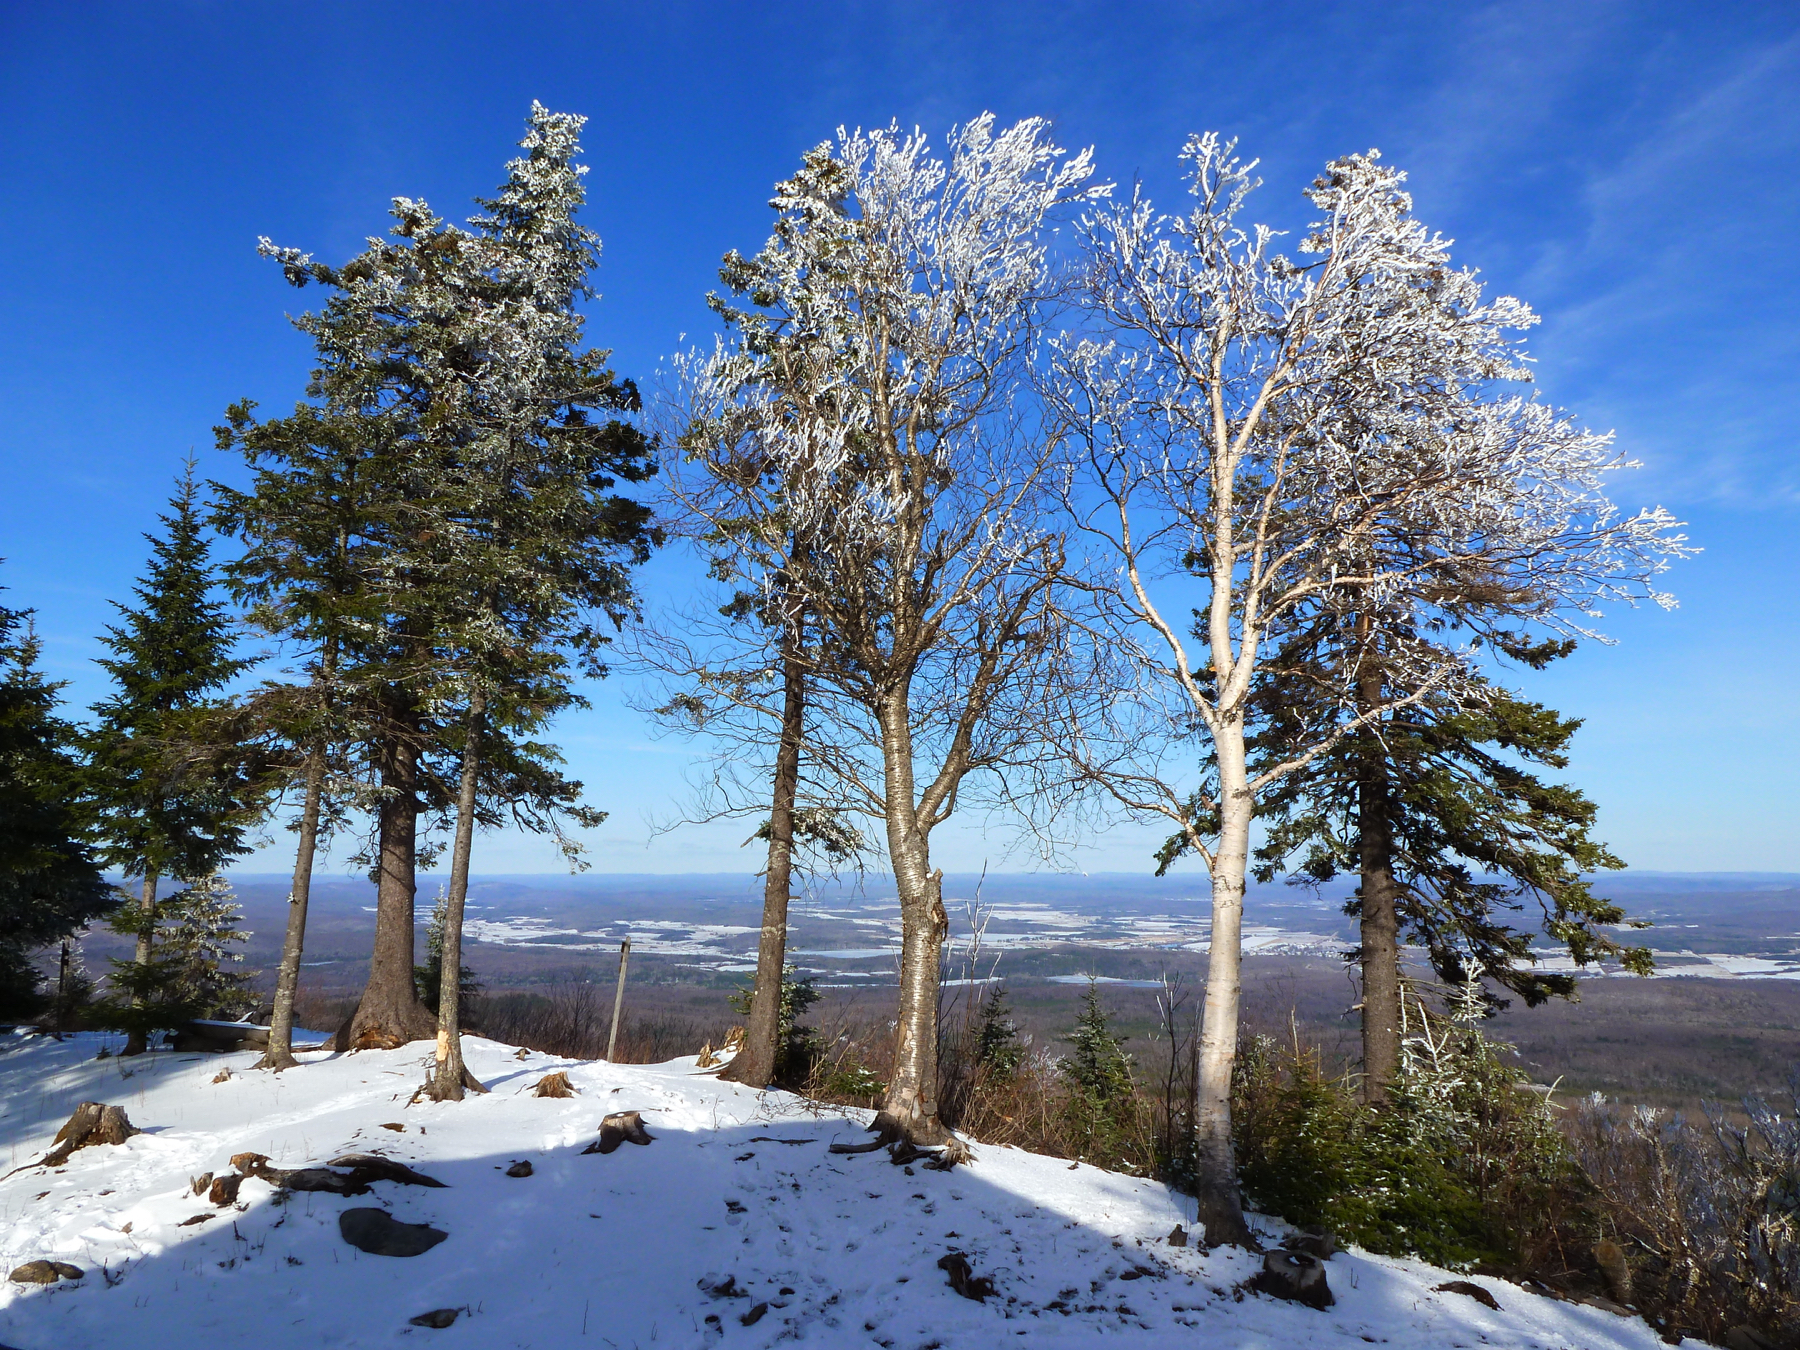 parc-montagne-du-diable-paysage-00146_1800x1350